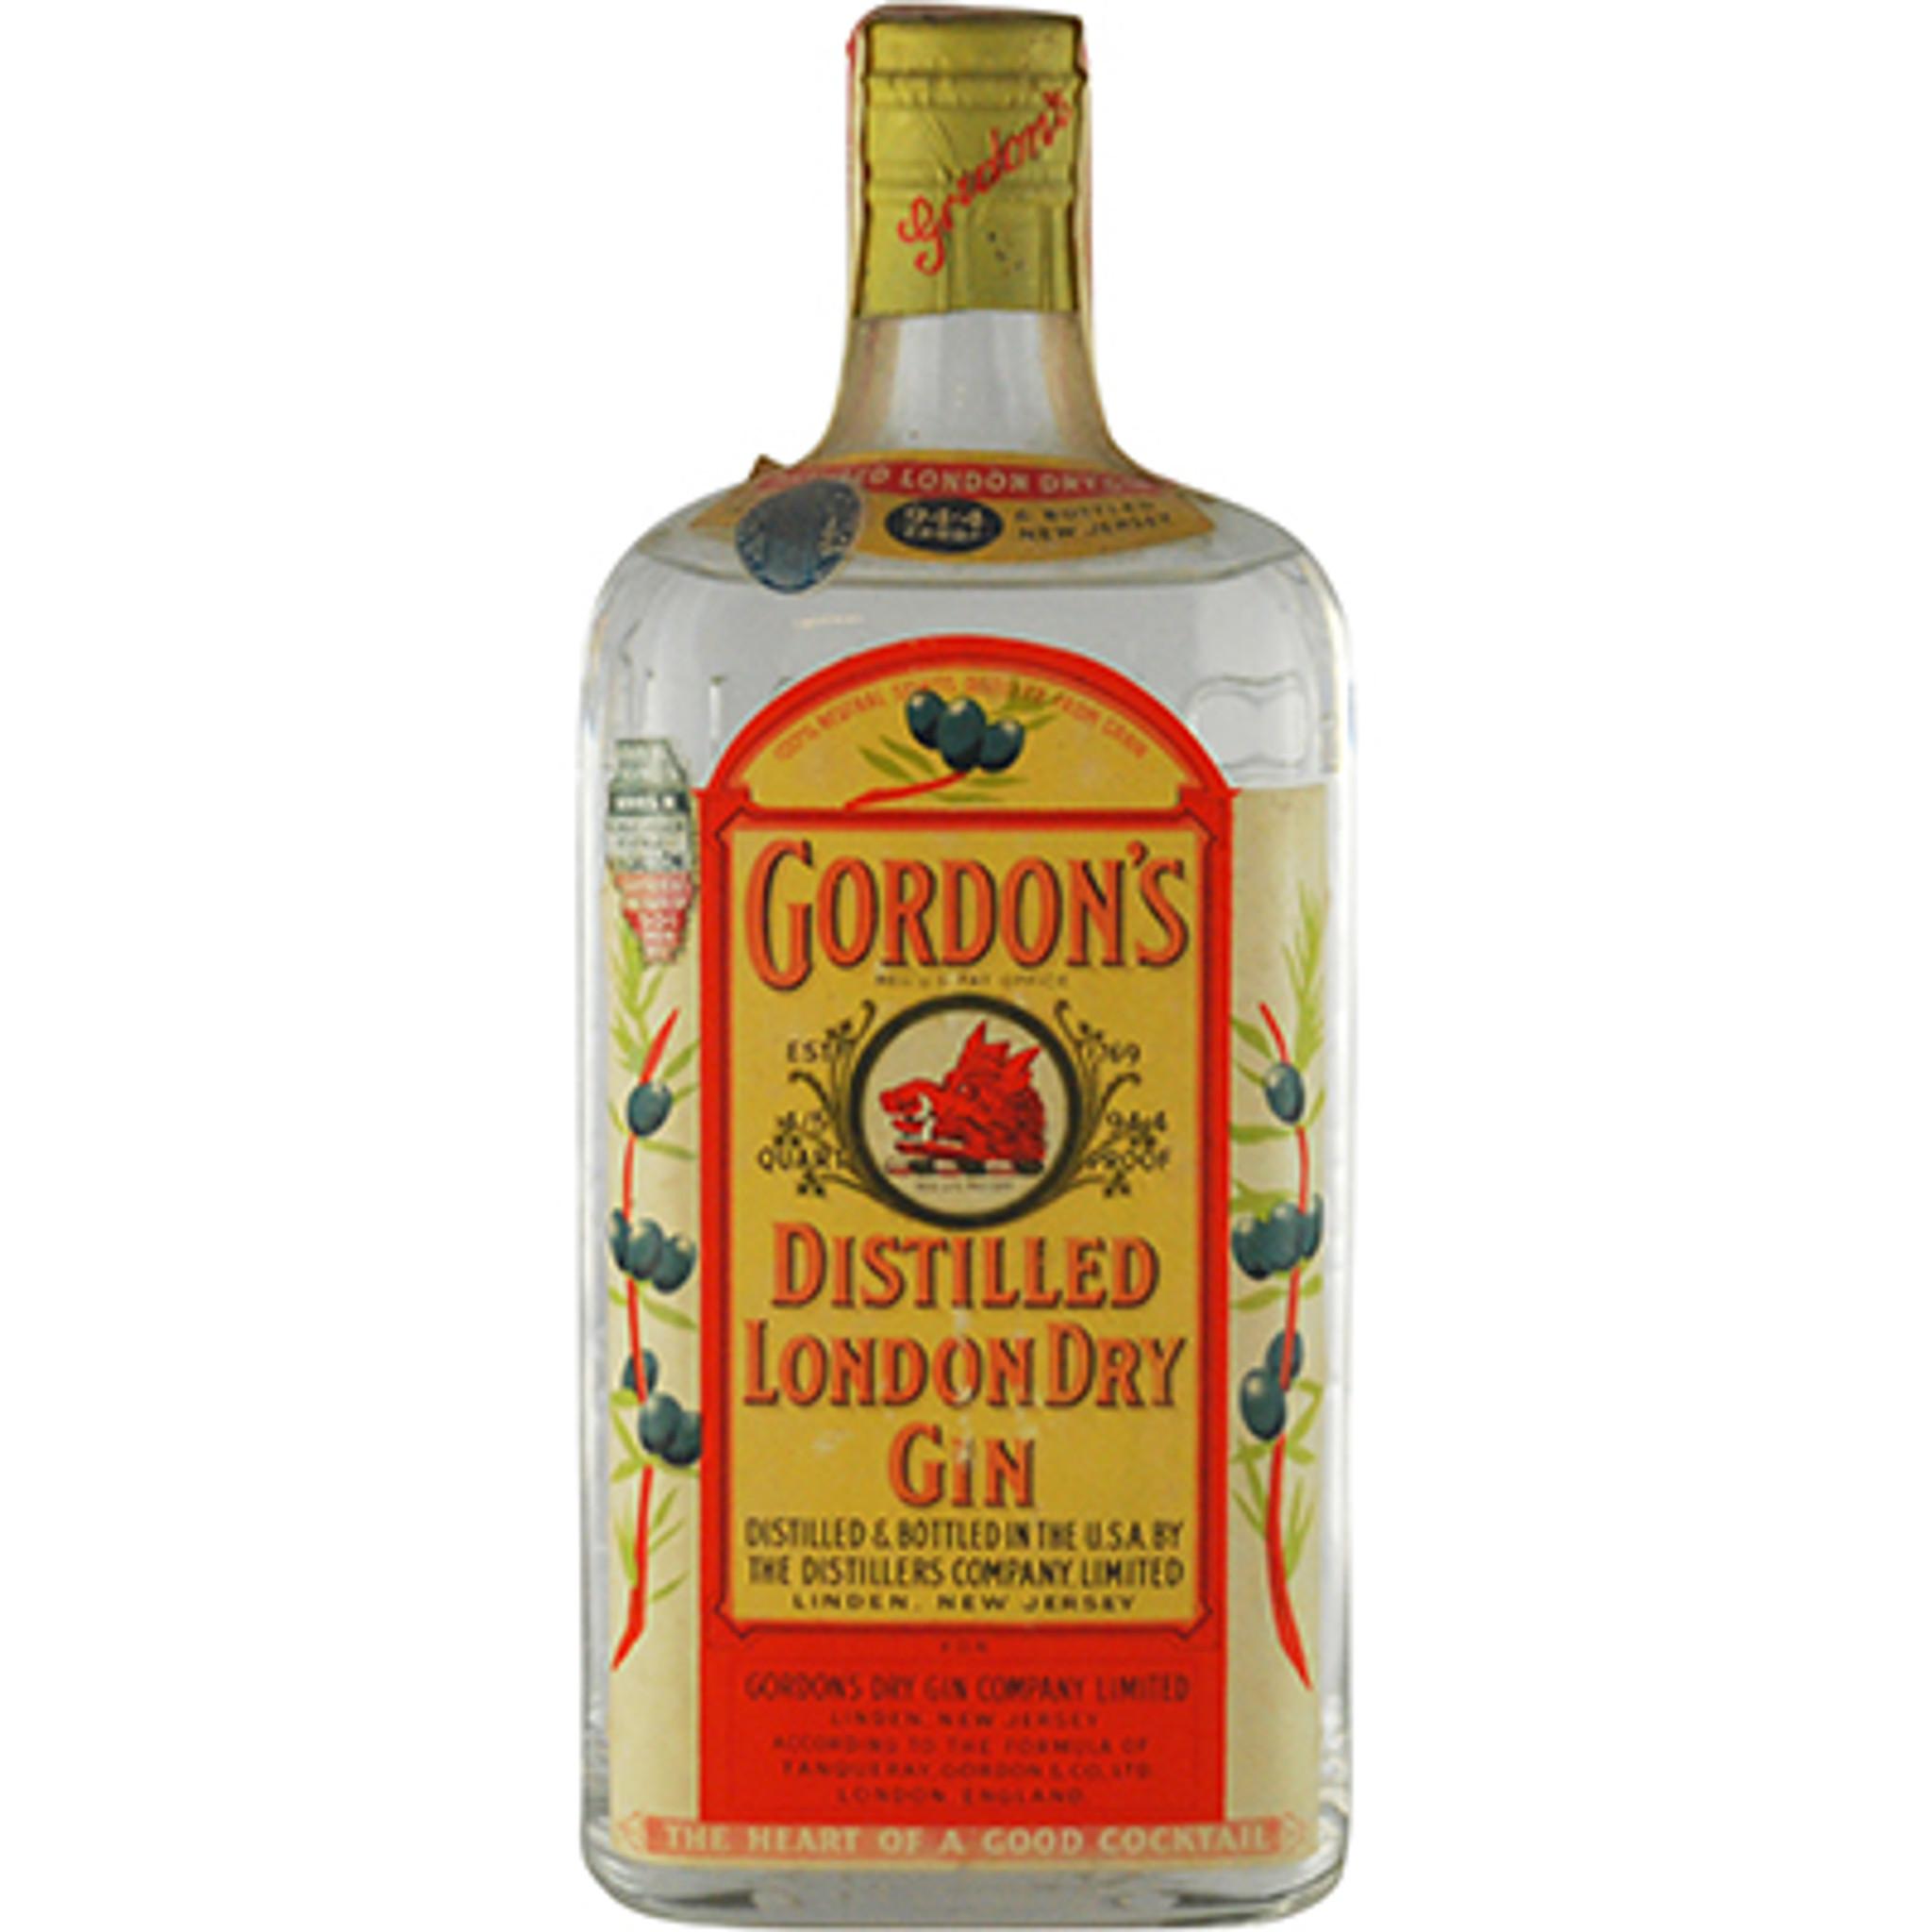 Nye Gordon's Distilled London Dry Gin 94.4 Proof 1930's Bottling HM-07